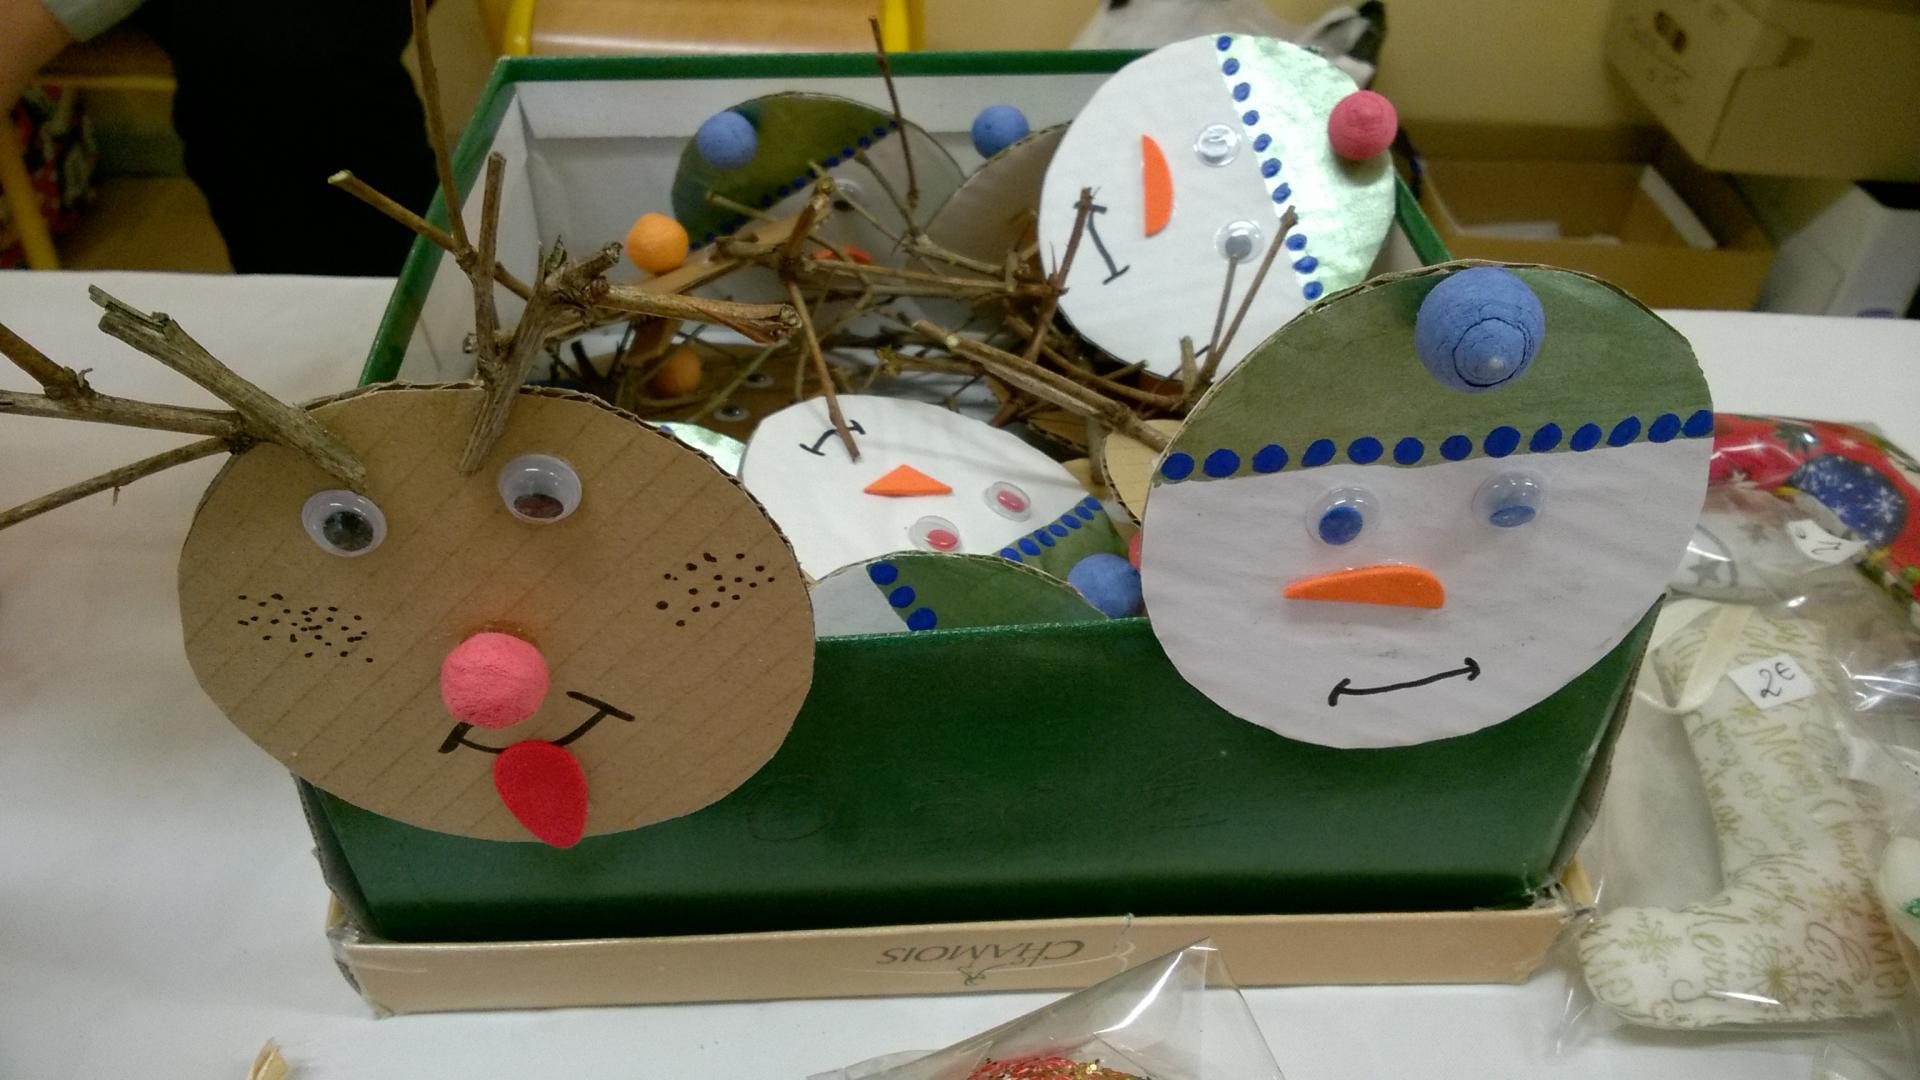 Les cerfs et bonhommes de neige de Nathalie de l'apel